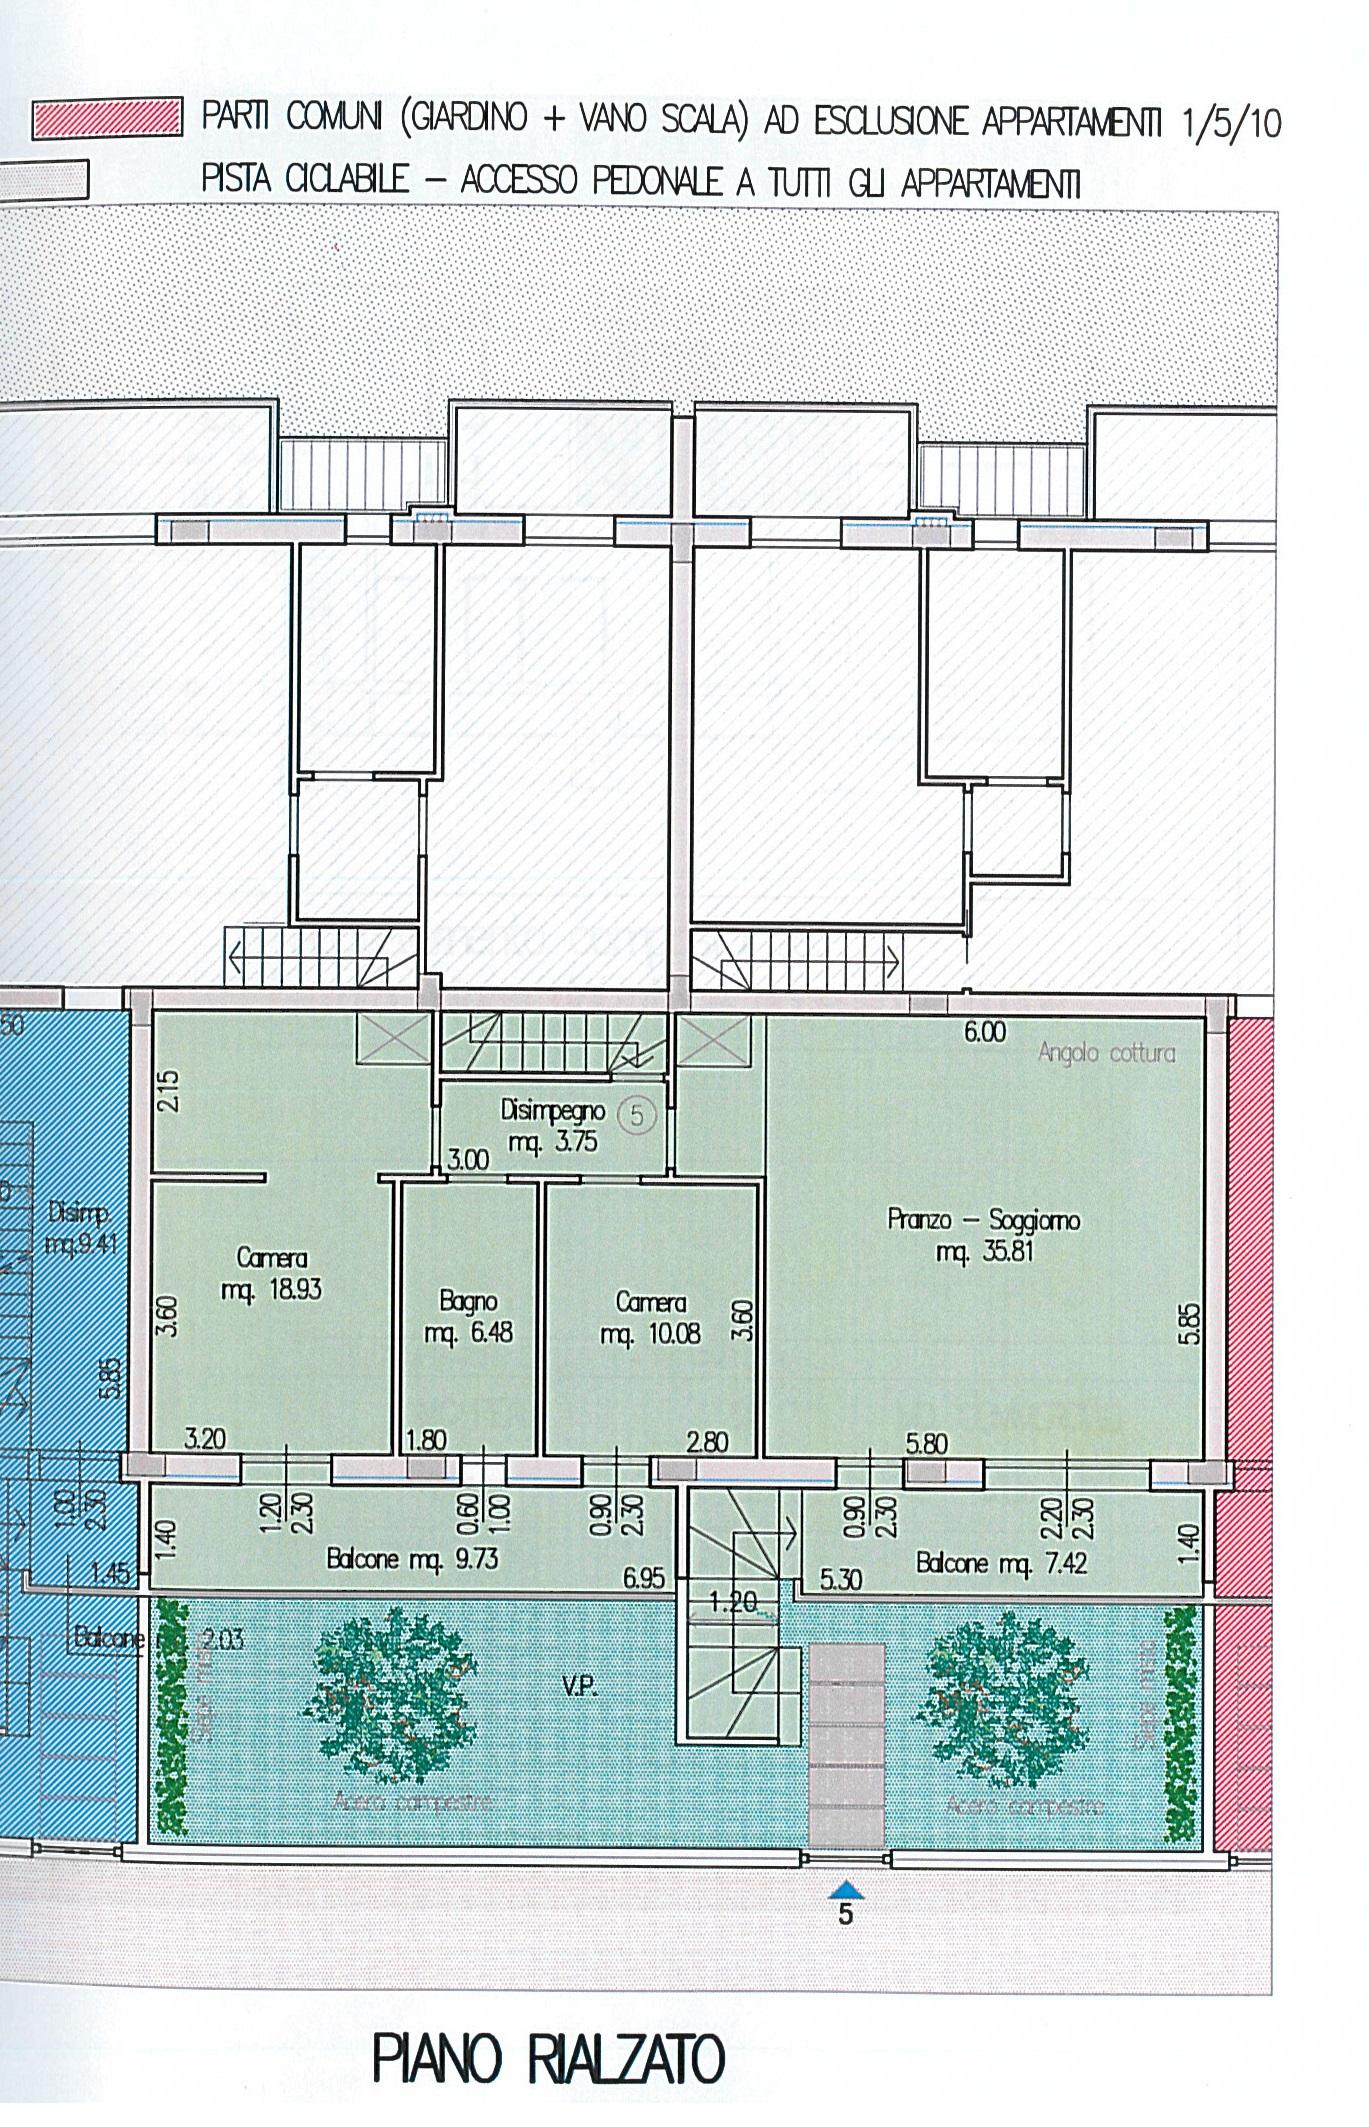 Gatteo, Villa Zefiro Appartamento 5